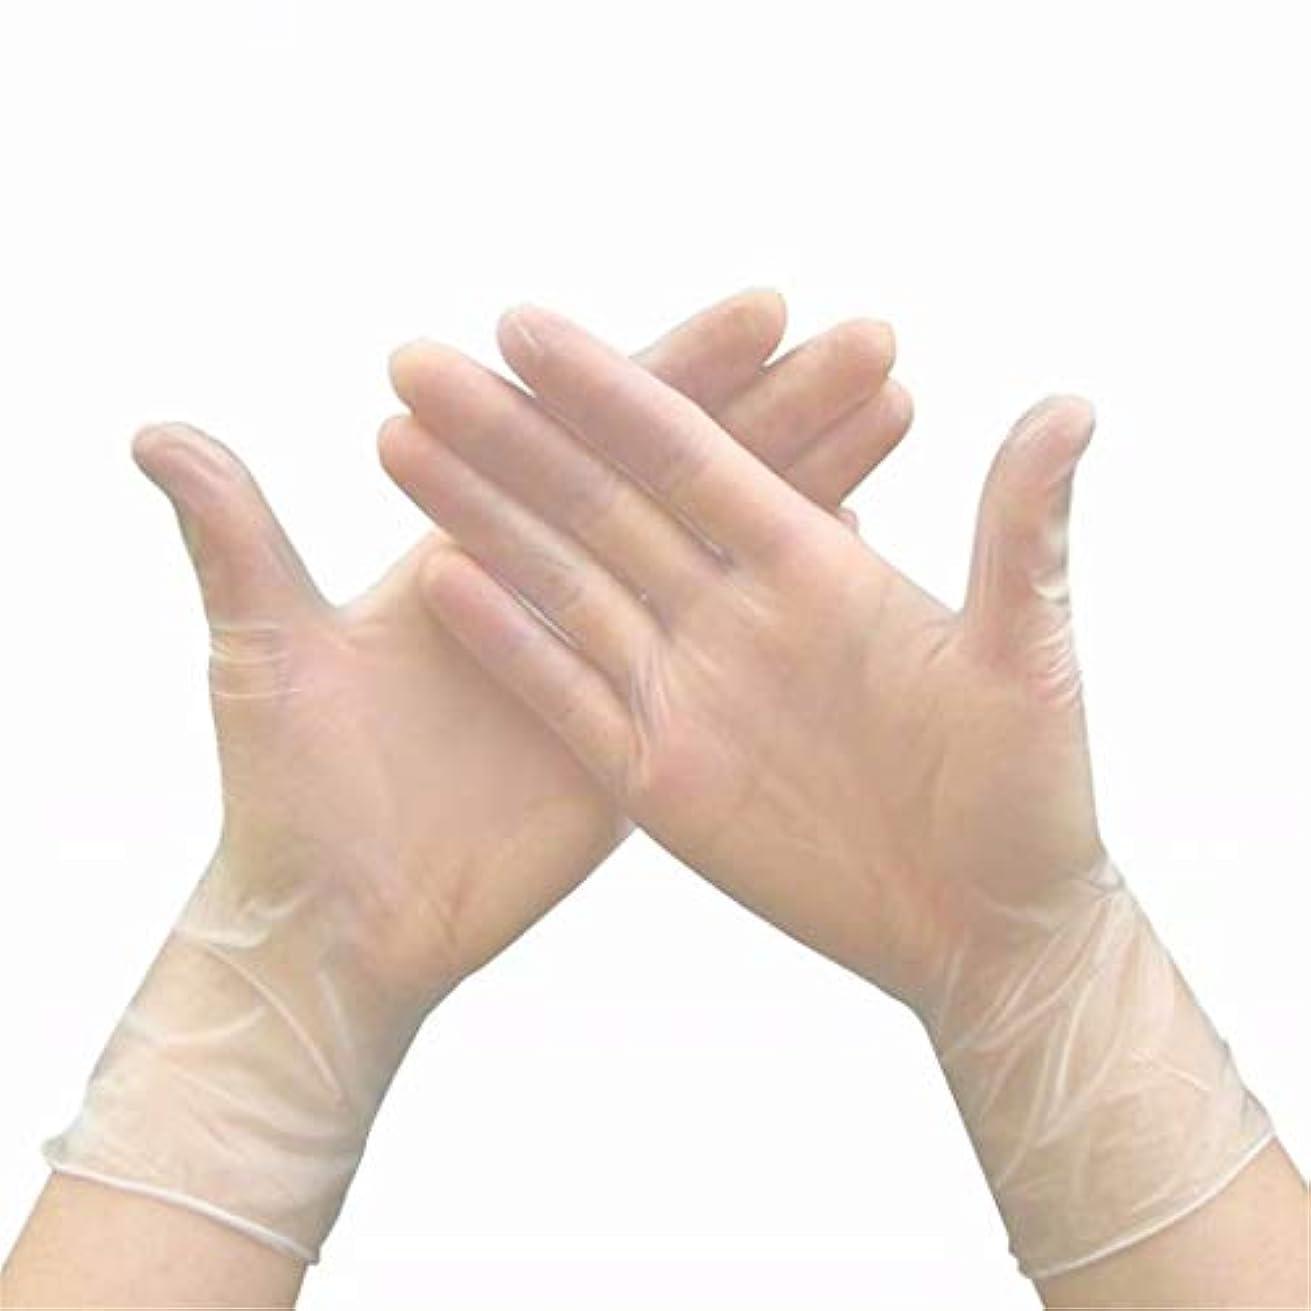 農業議題男七里の香 使い捨てビニール手袋、医療試験、パウダーフリーラテックスフリー、アレルギーフリー 20pcs/Box